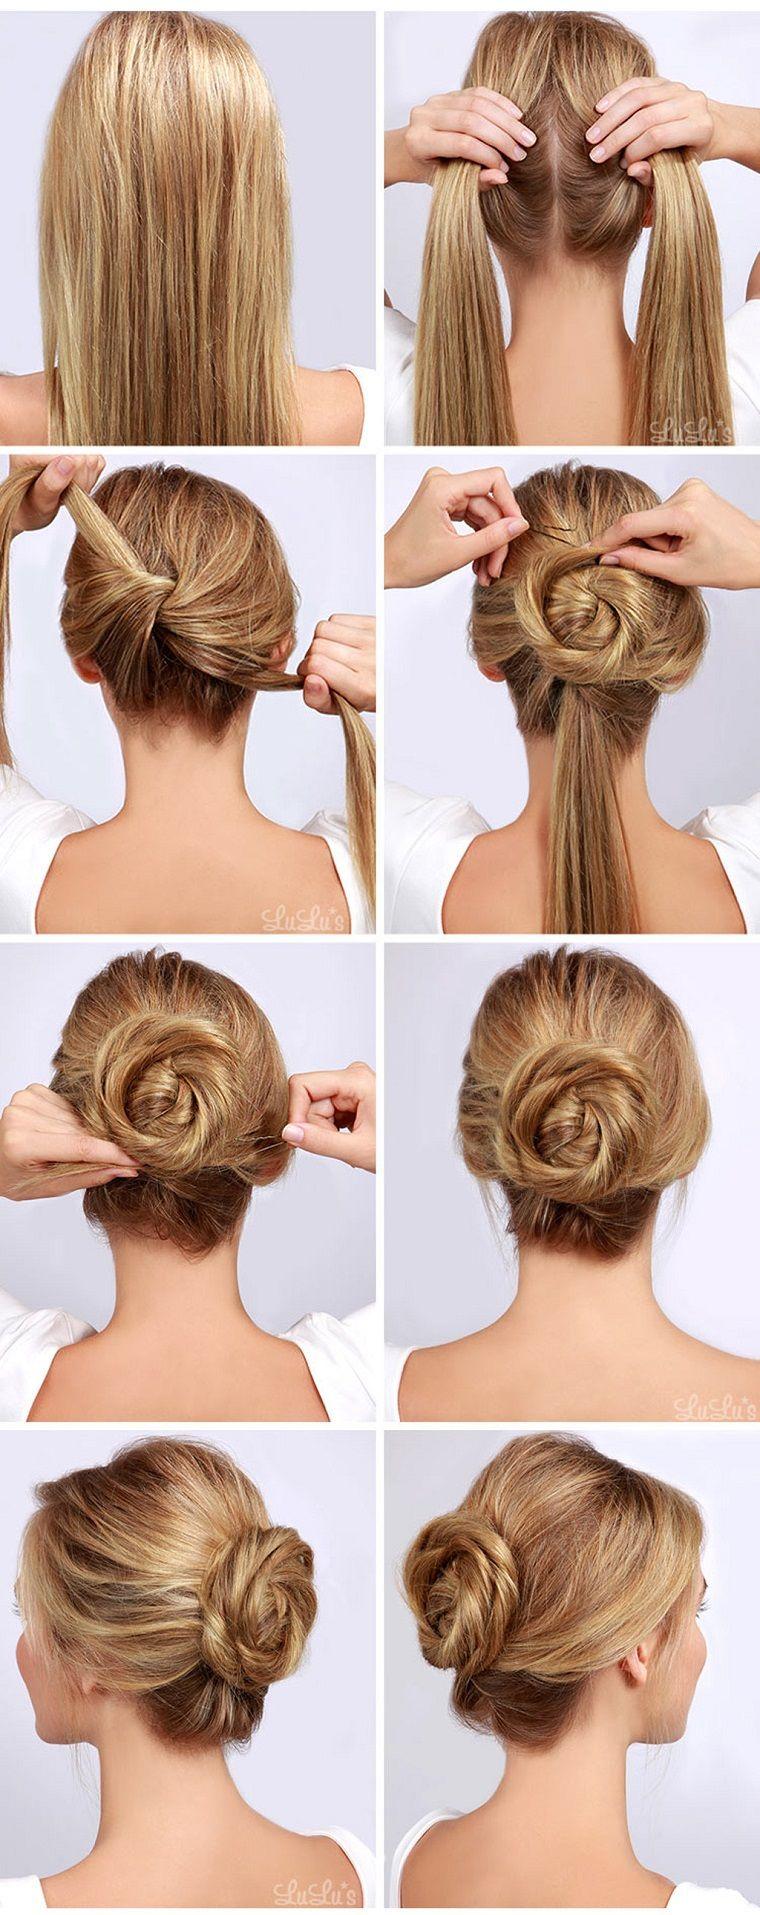 Pettinature capelli raccolti, tutorial per capelli lunghi ...